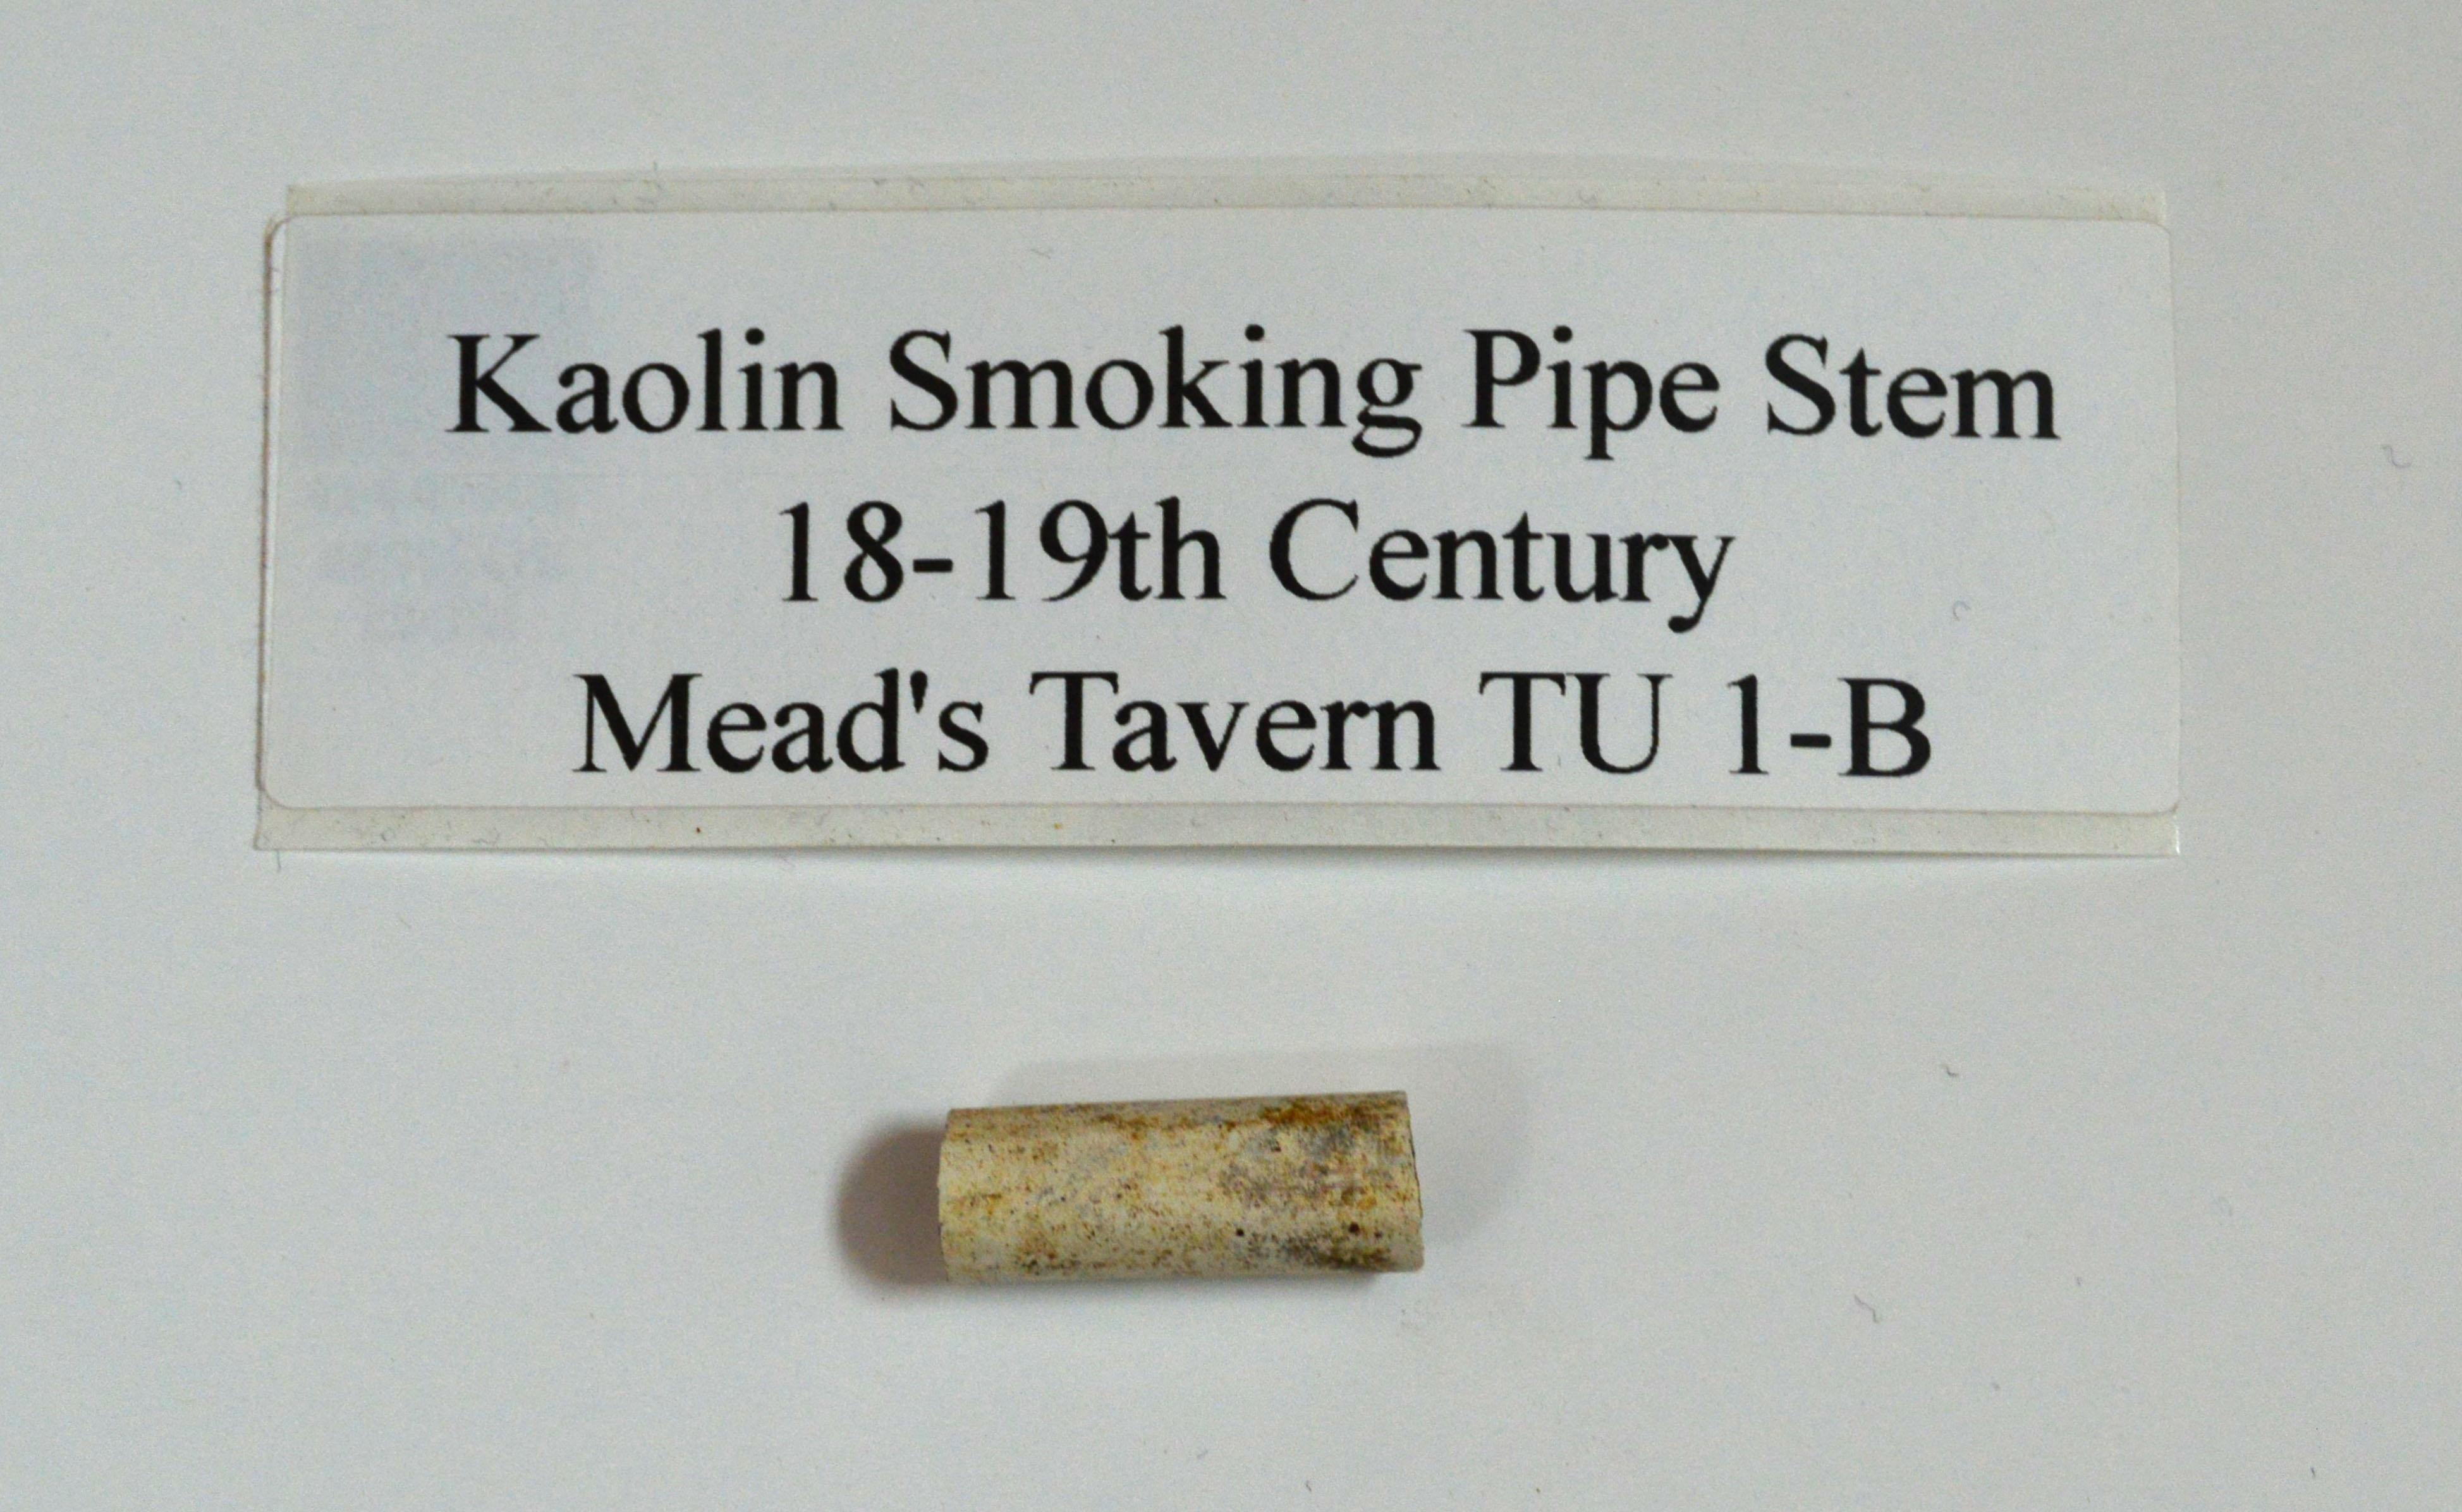 Kaolin Smoking Pipe Stem